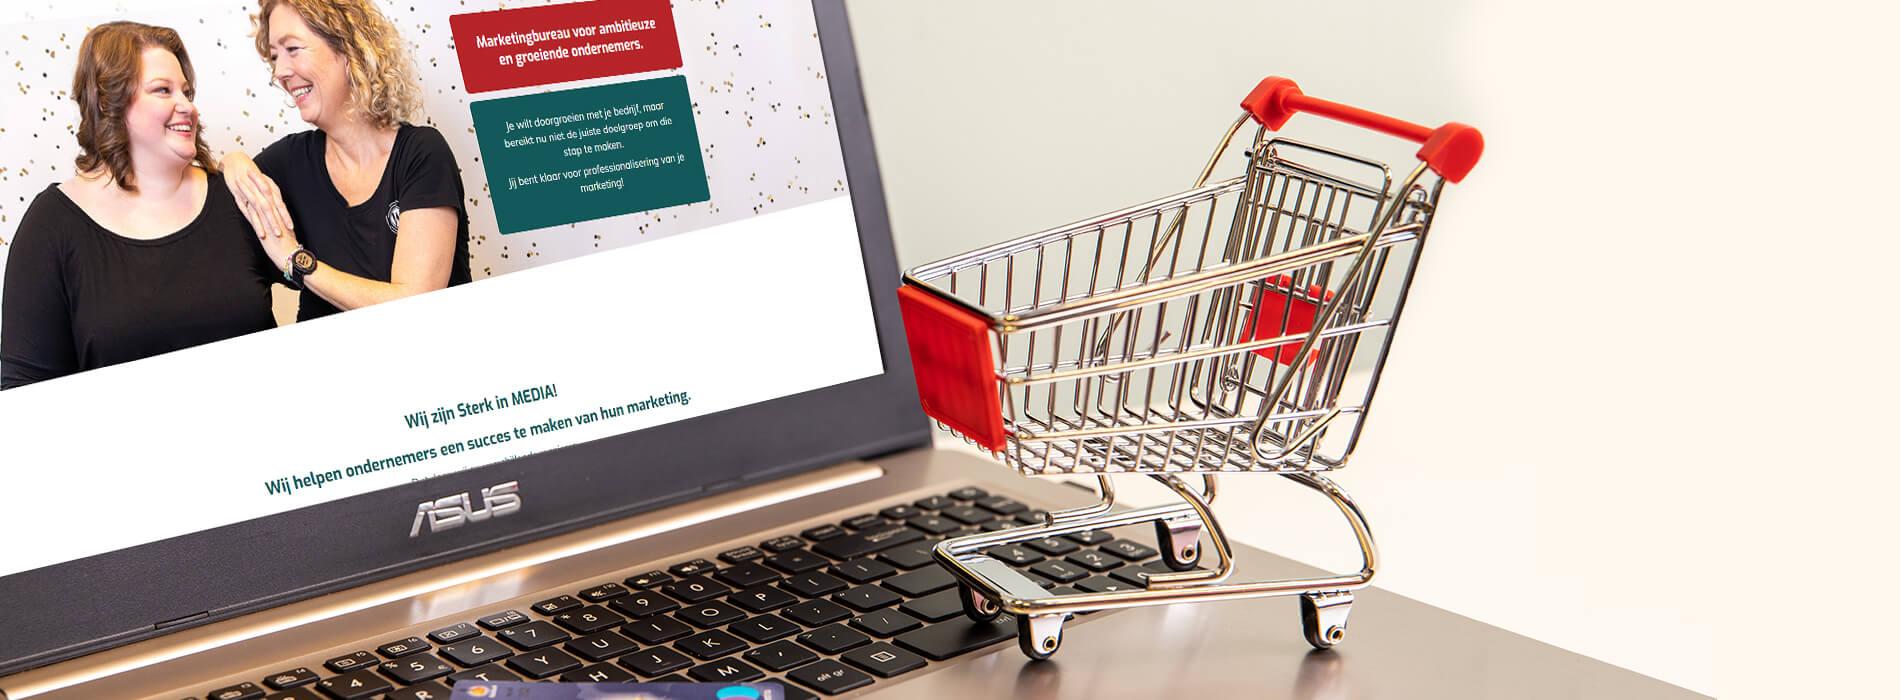 waar-moet-je-op-letten-bij-de-aanschaf-van-een-webwinkel